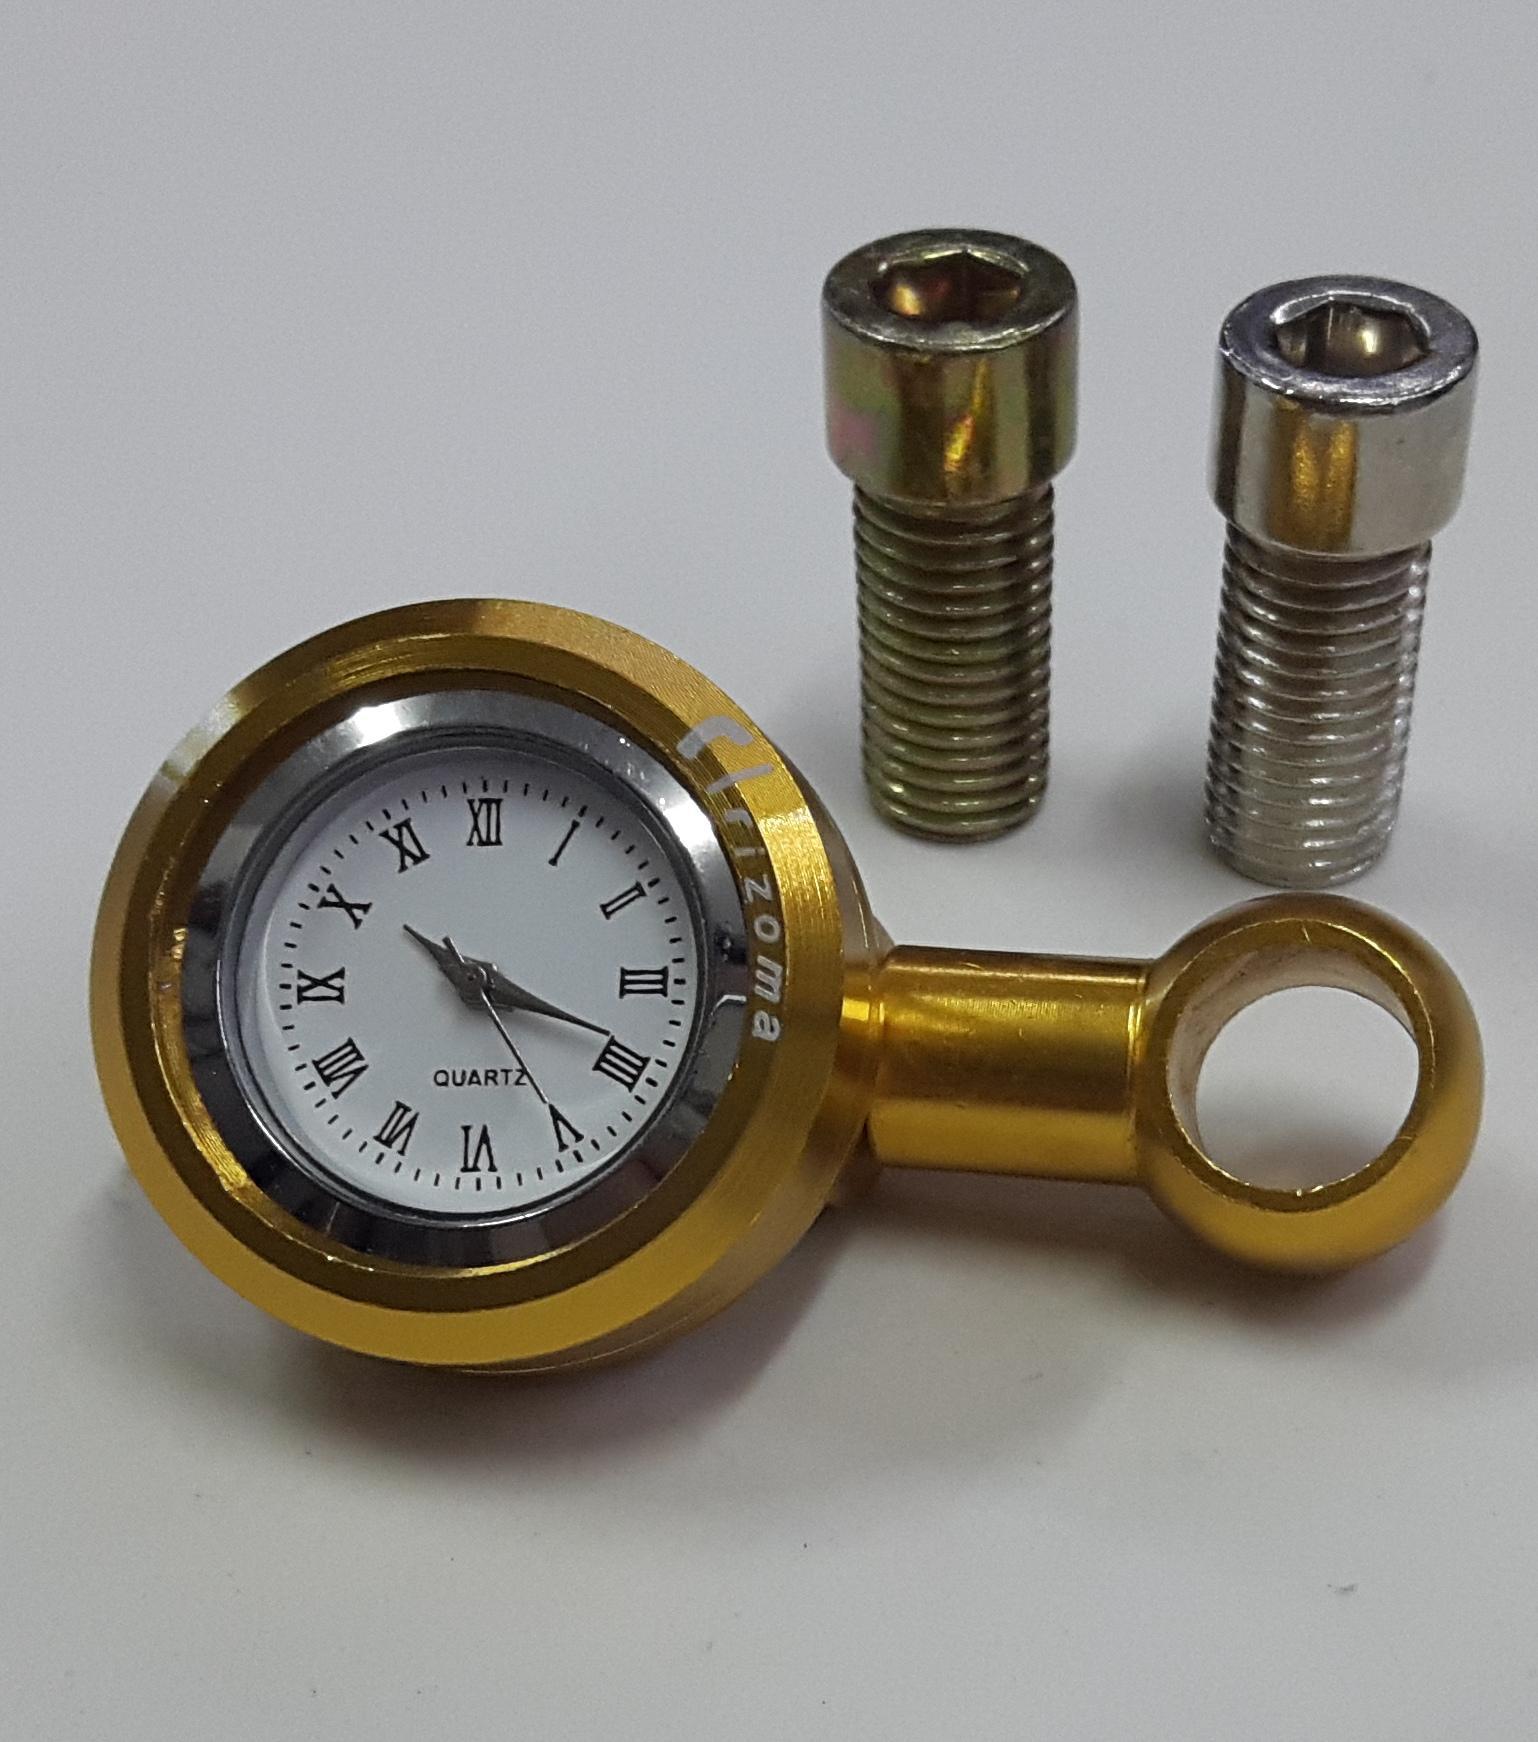 Đồng hồ chân gương xe máy Rizoma màu vàng + Tặng 1 ốc ren thuận và 1 ốc ren ngược